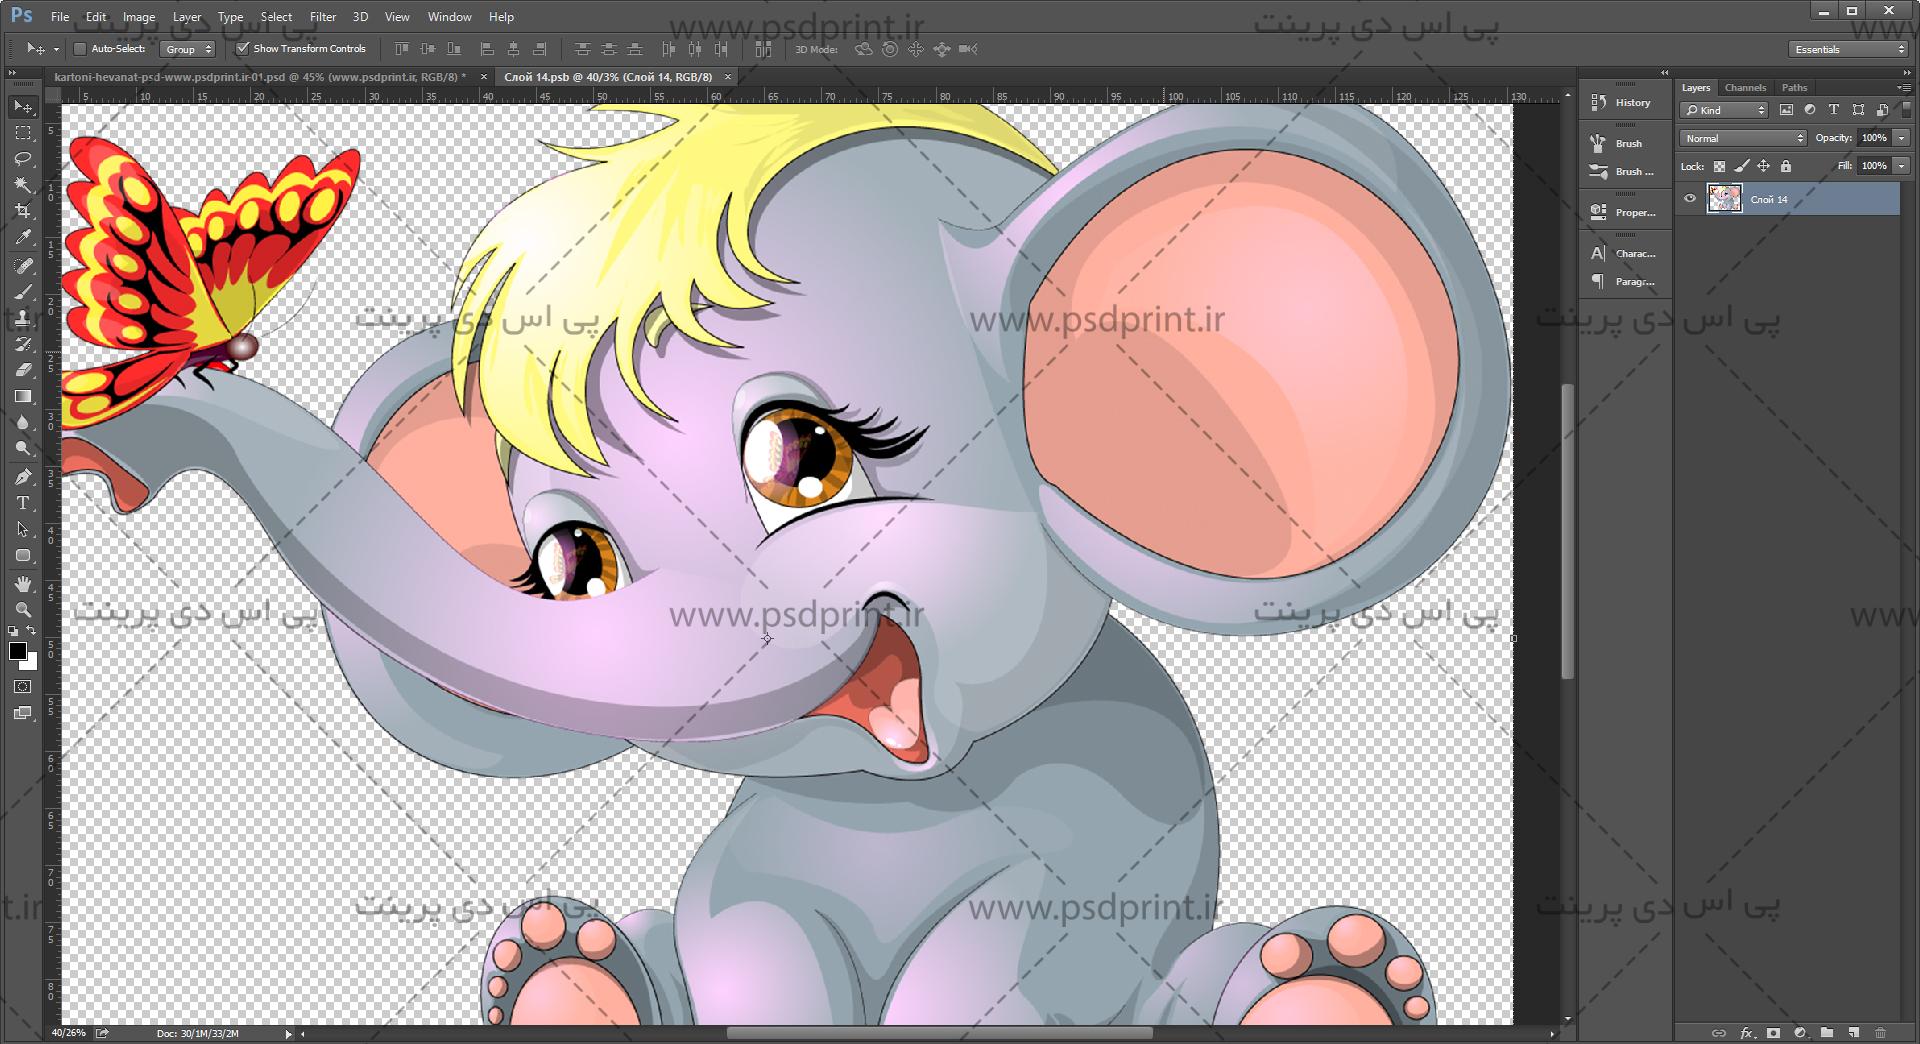 تصاویر کارتونی حیوانات